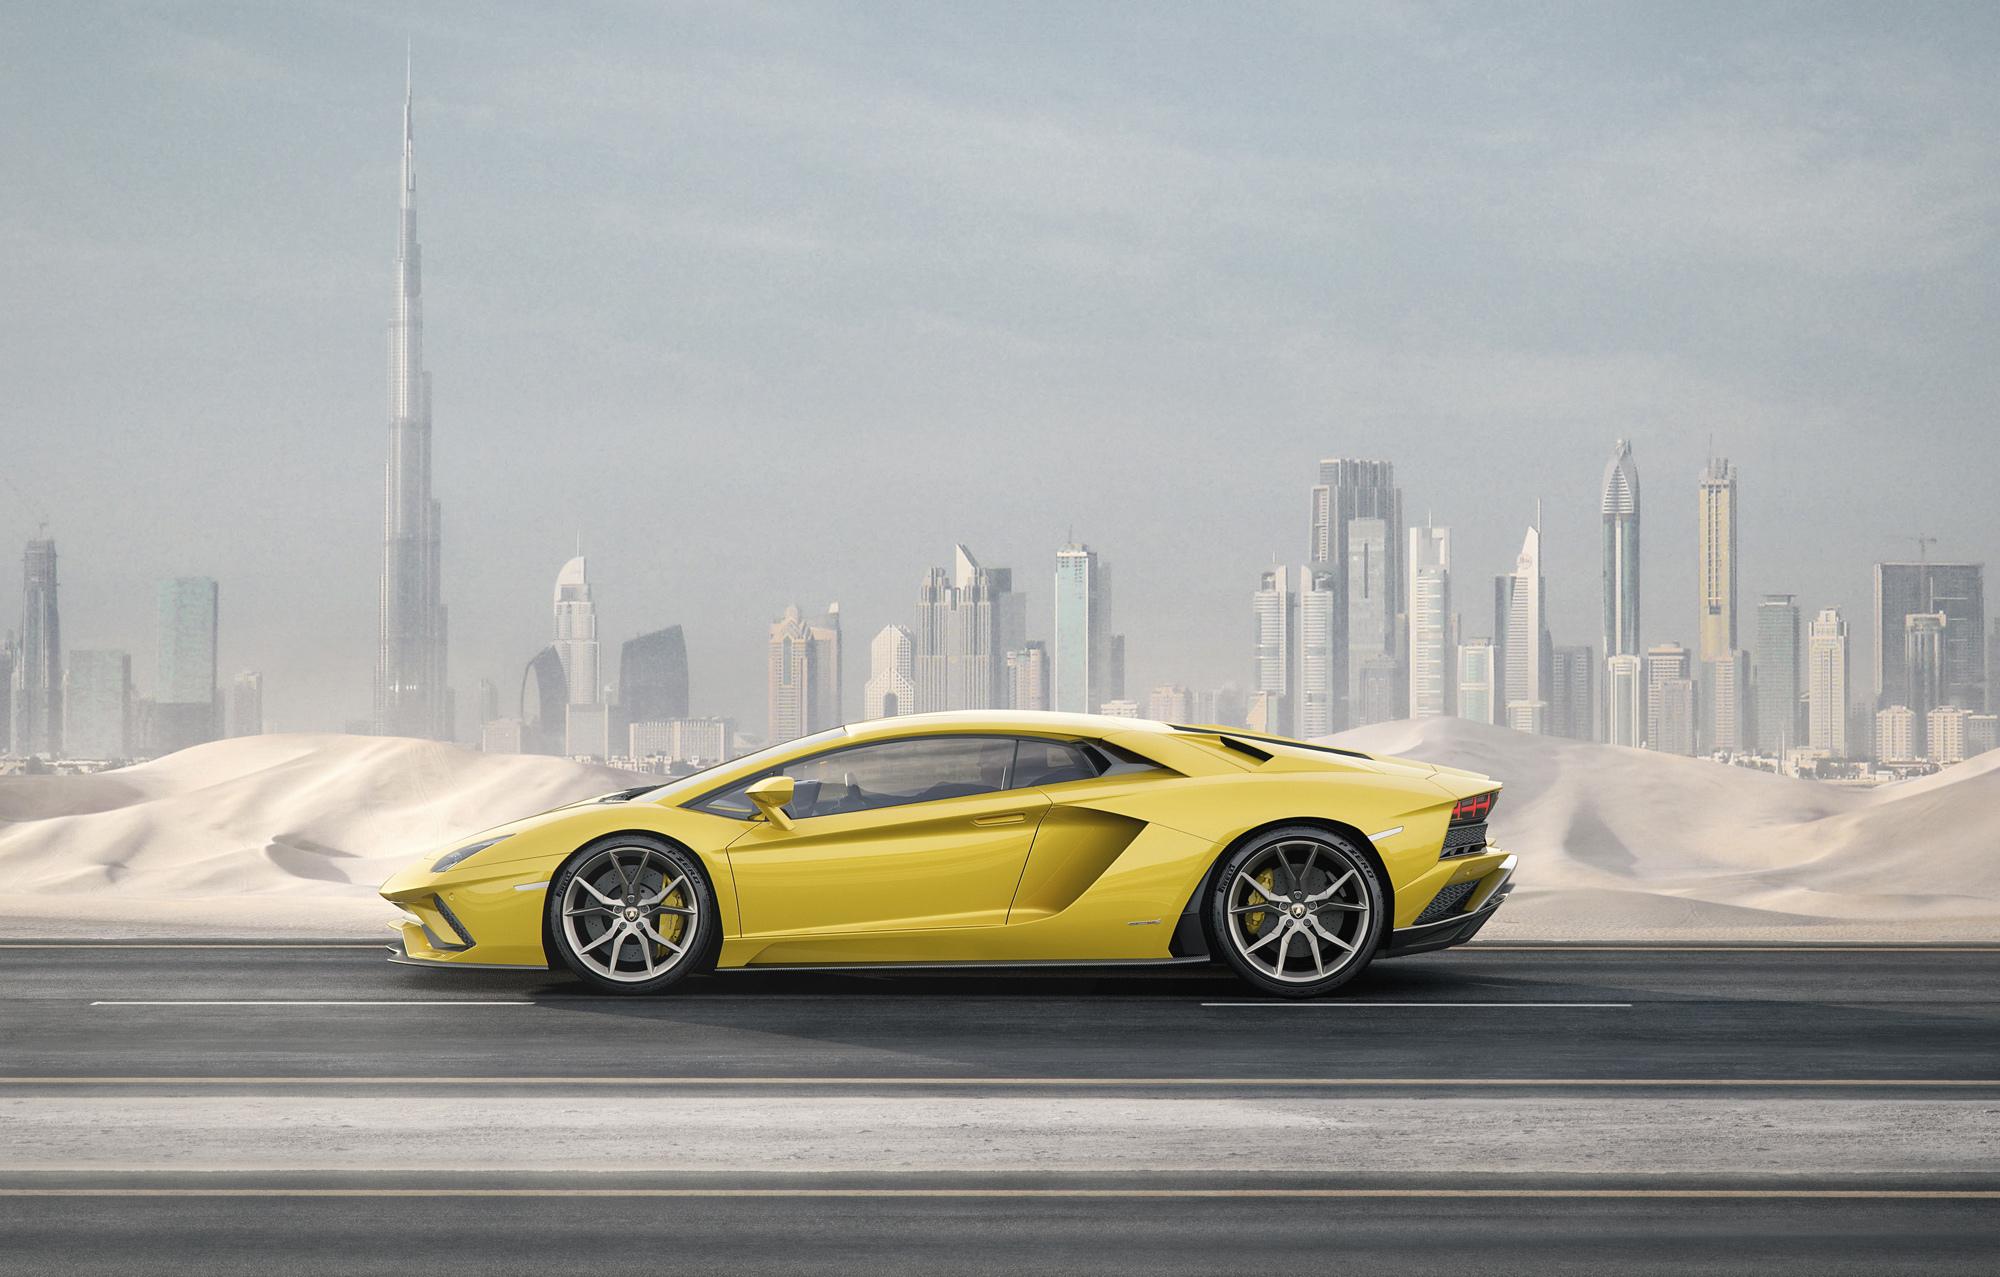 Lamborghini Aventador S Images